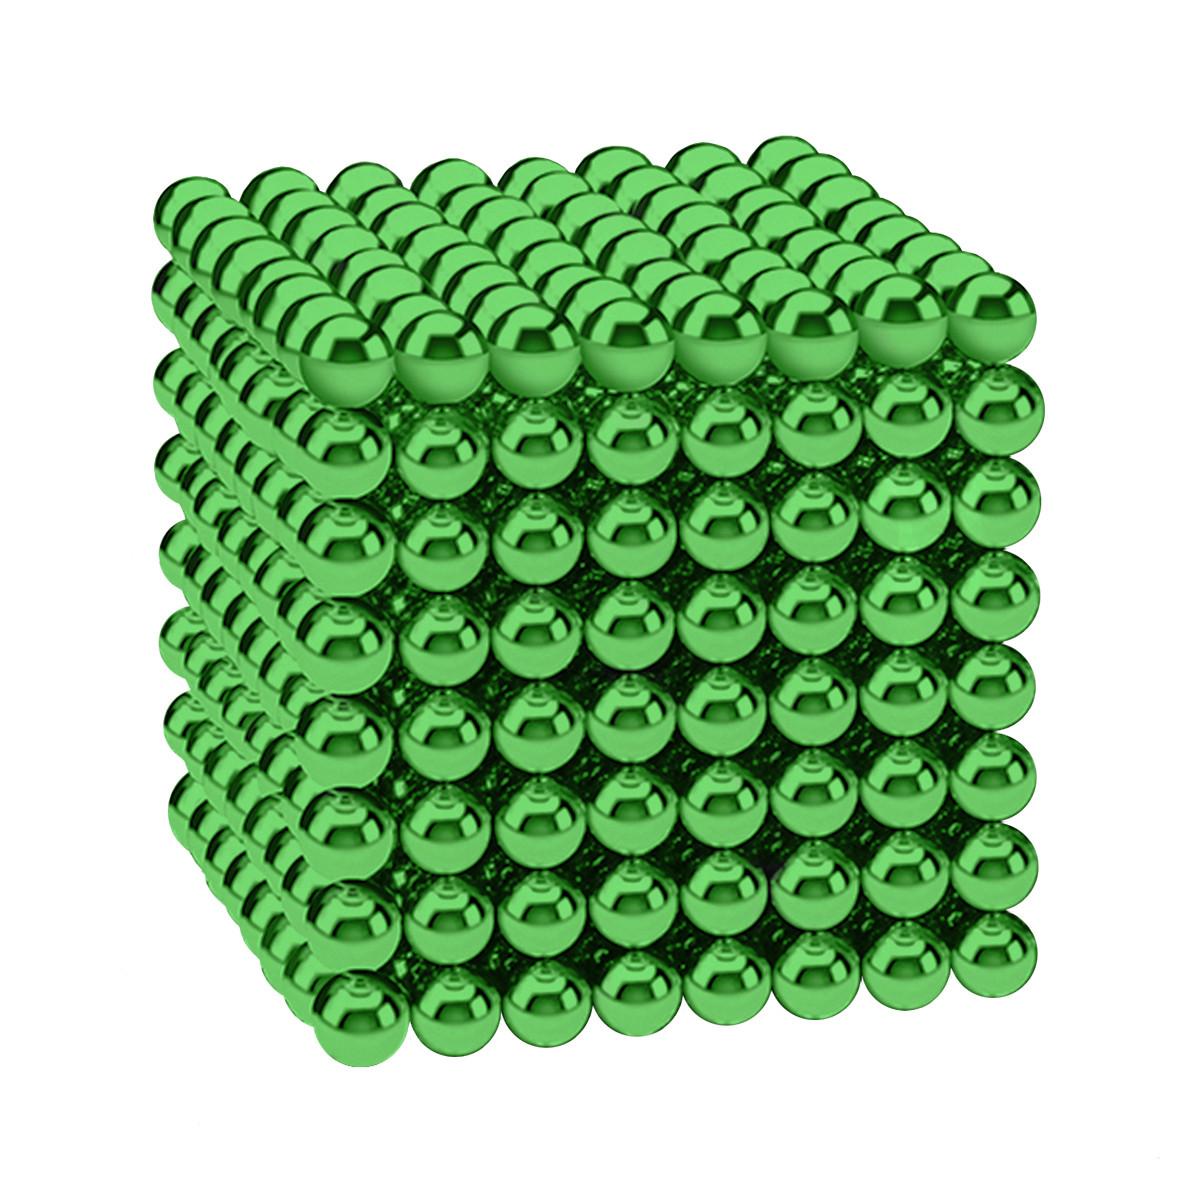 Магнітні кульки-головоломка SKY NEOCUBE (D5) комплект (512 шт) Green